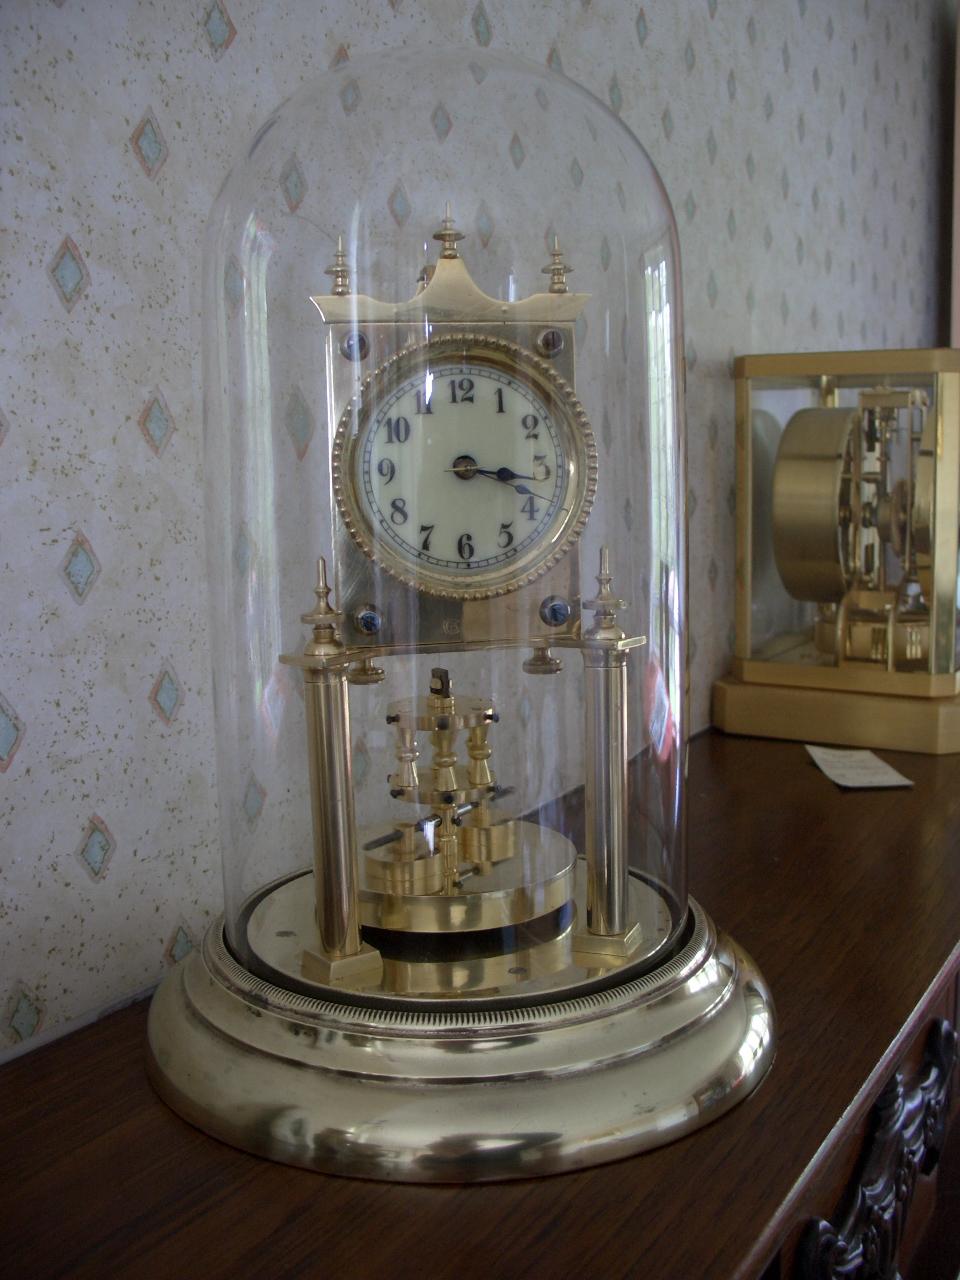 Anniversary Clock by Badische – SOLD